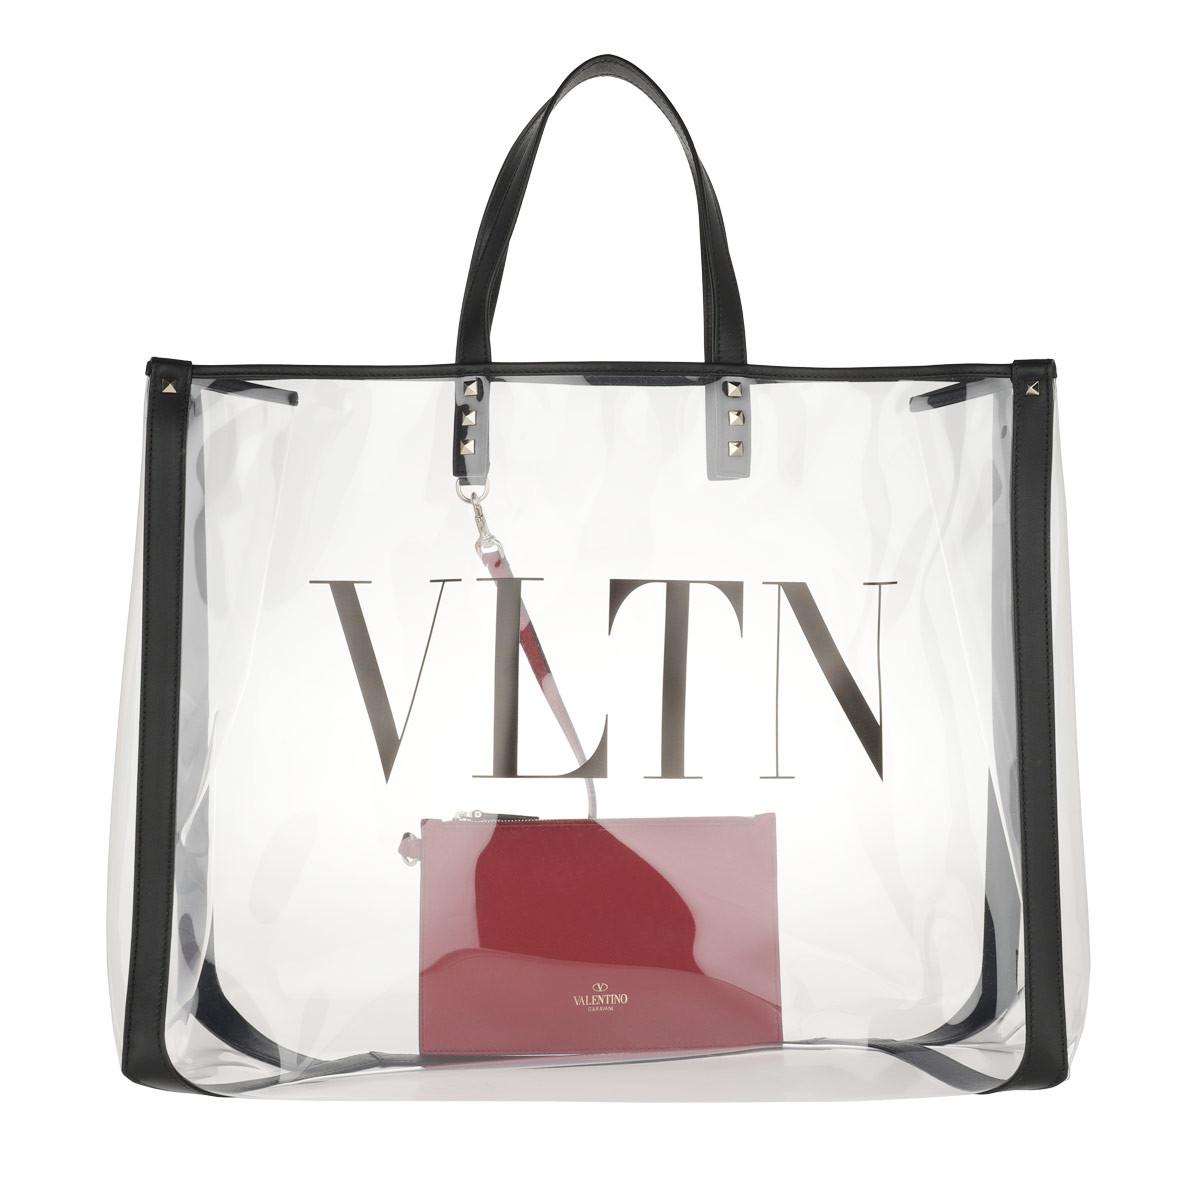 e16d9bffd44 Valentino tassen online kopen | Fashionchick.nl